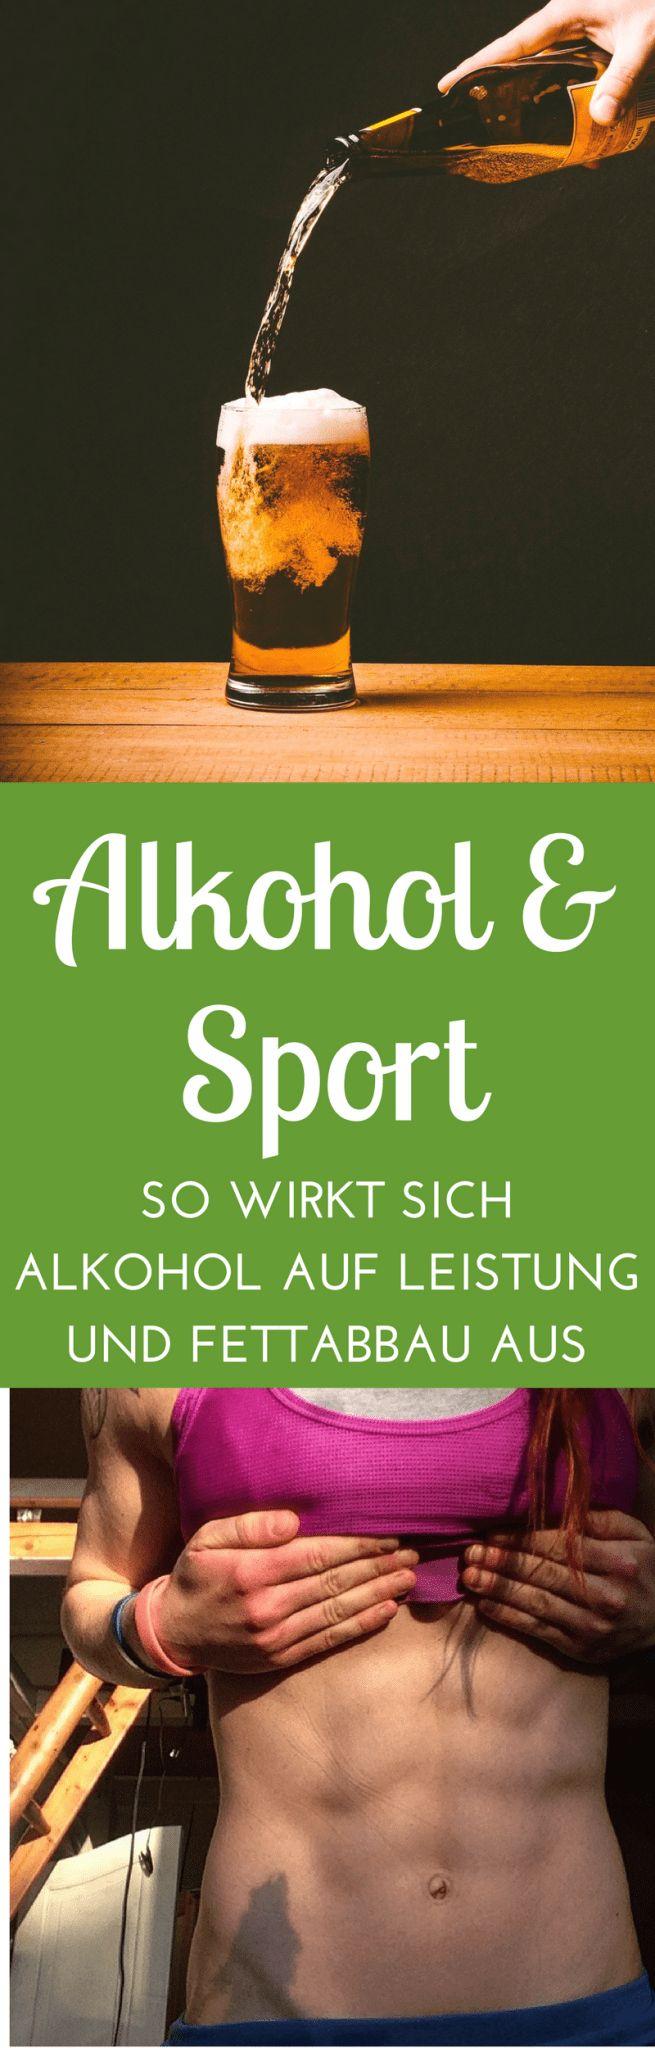 Alkohol und Sport: Nein, ich trinke wirklich keinen Alkohol – Laufvernarrt – Fitness, gesunde Ernährung und Selbstliebe